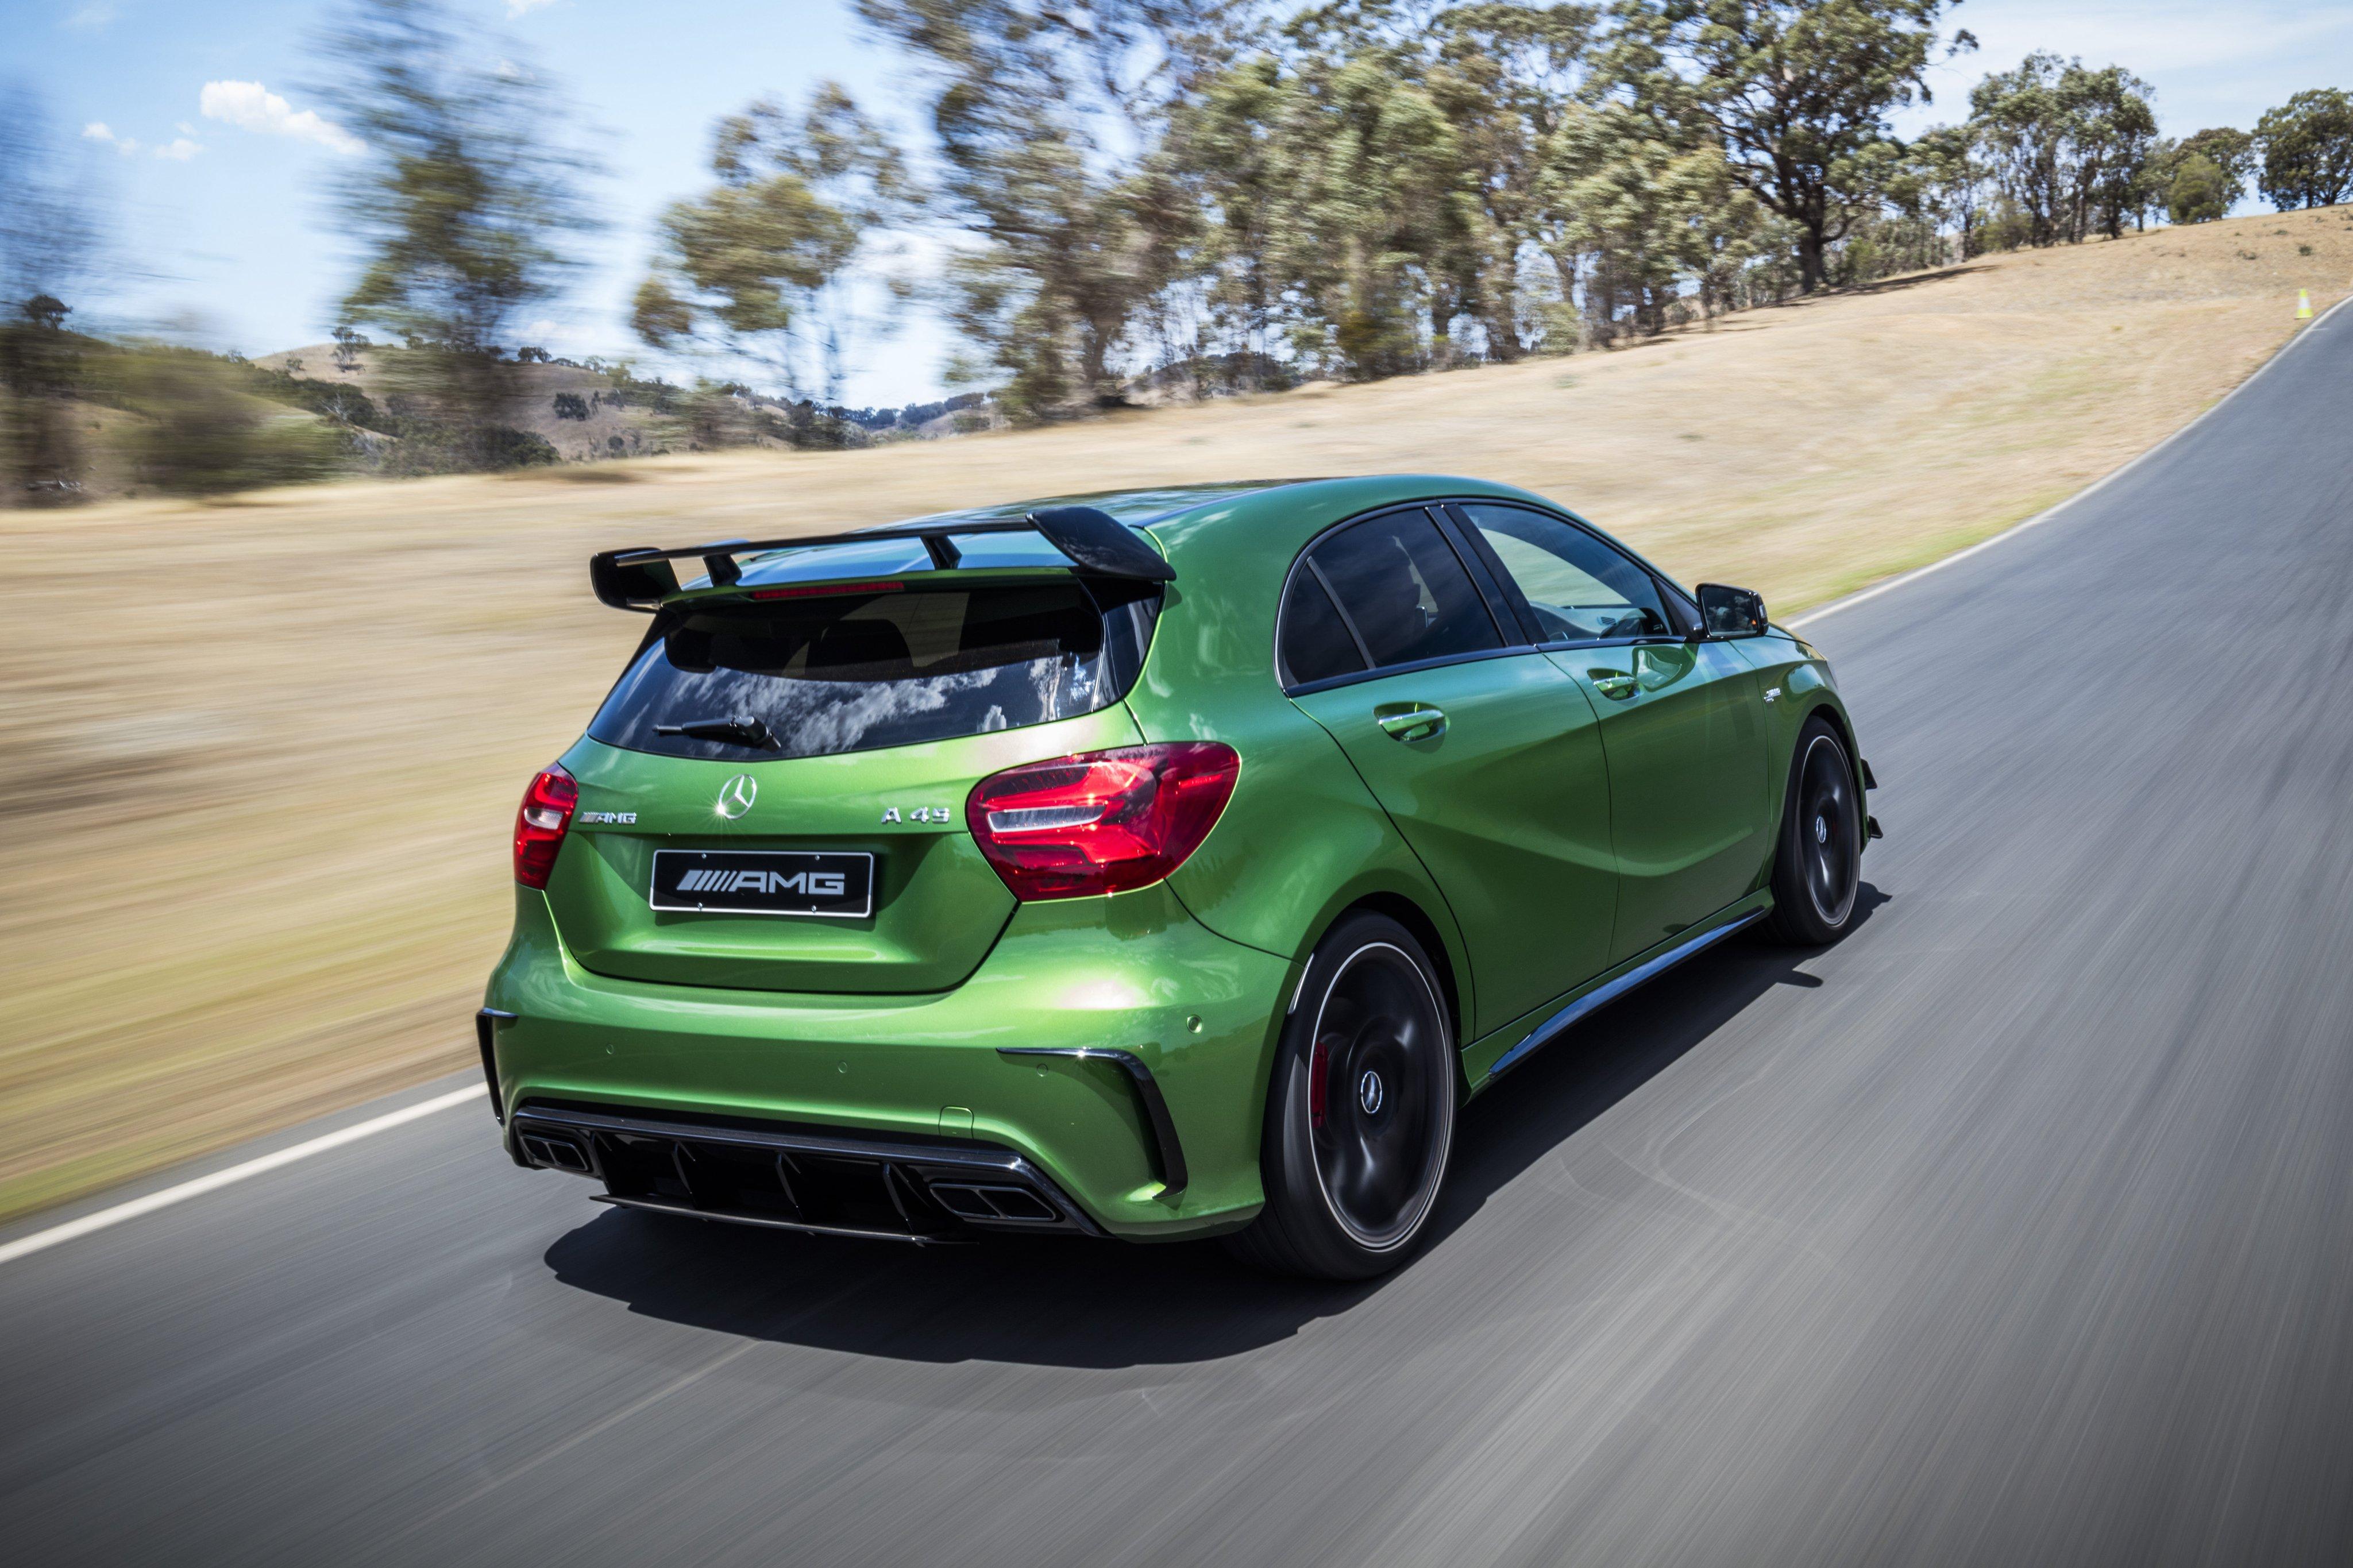 Mercedes Benz Drifting Videos Download